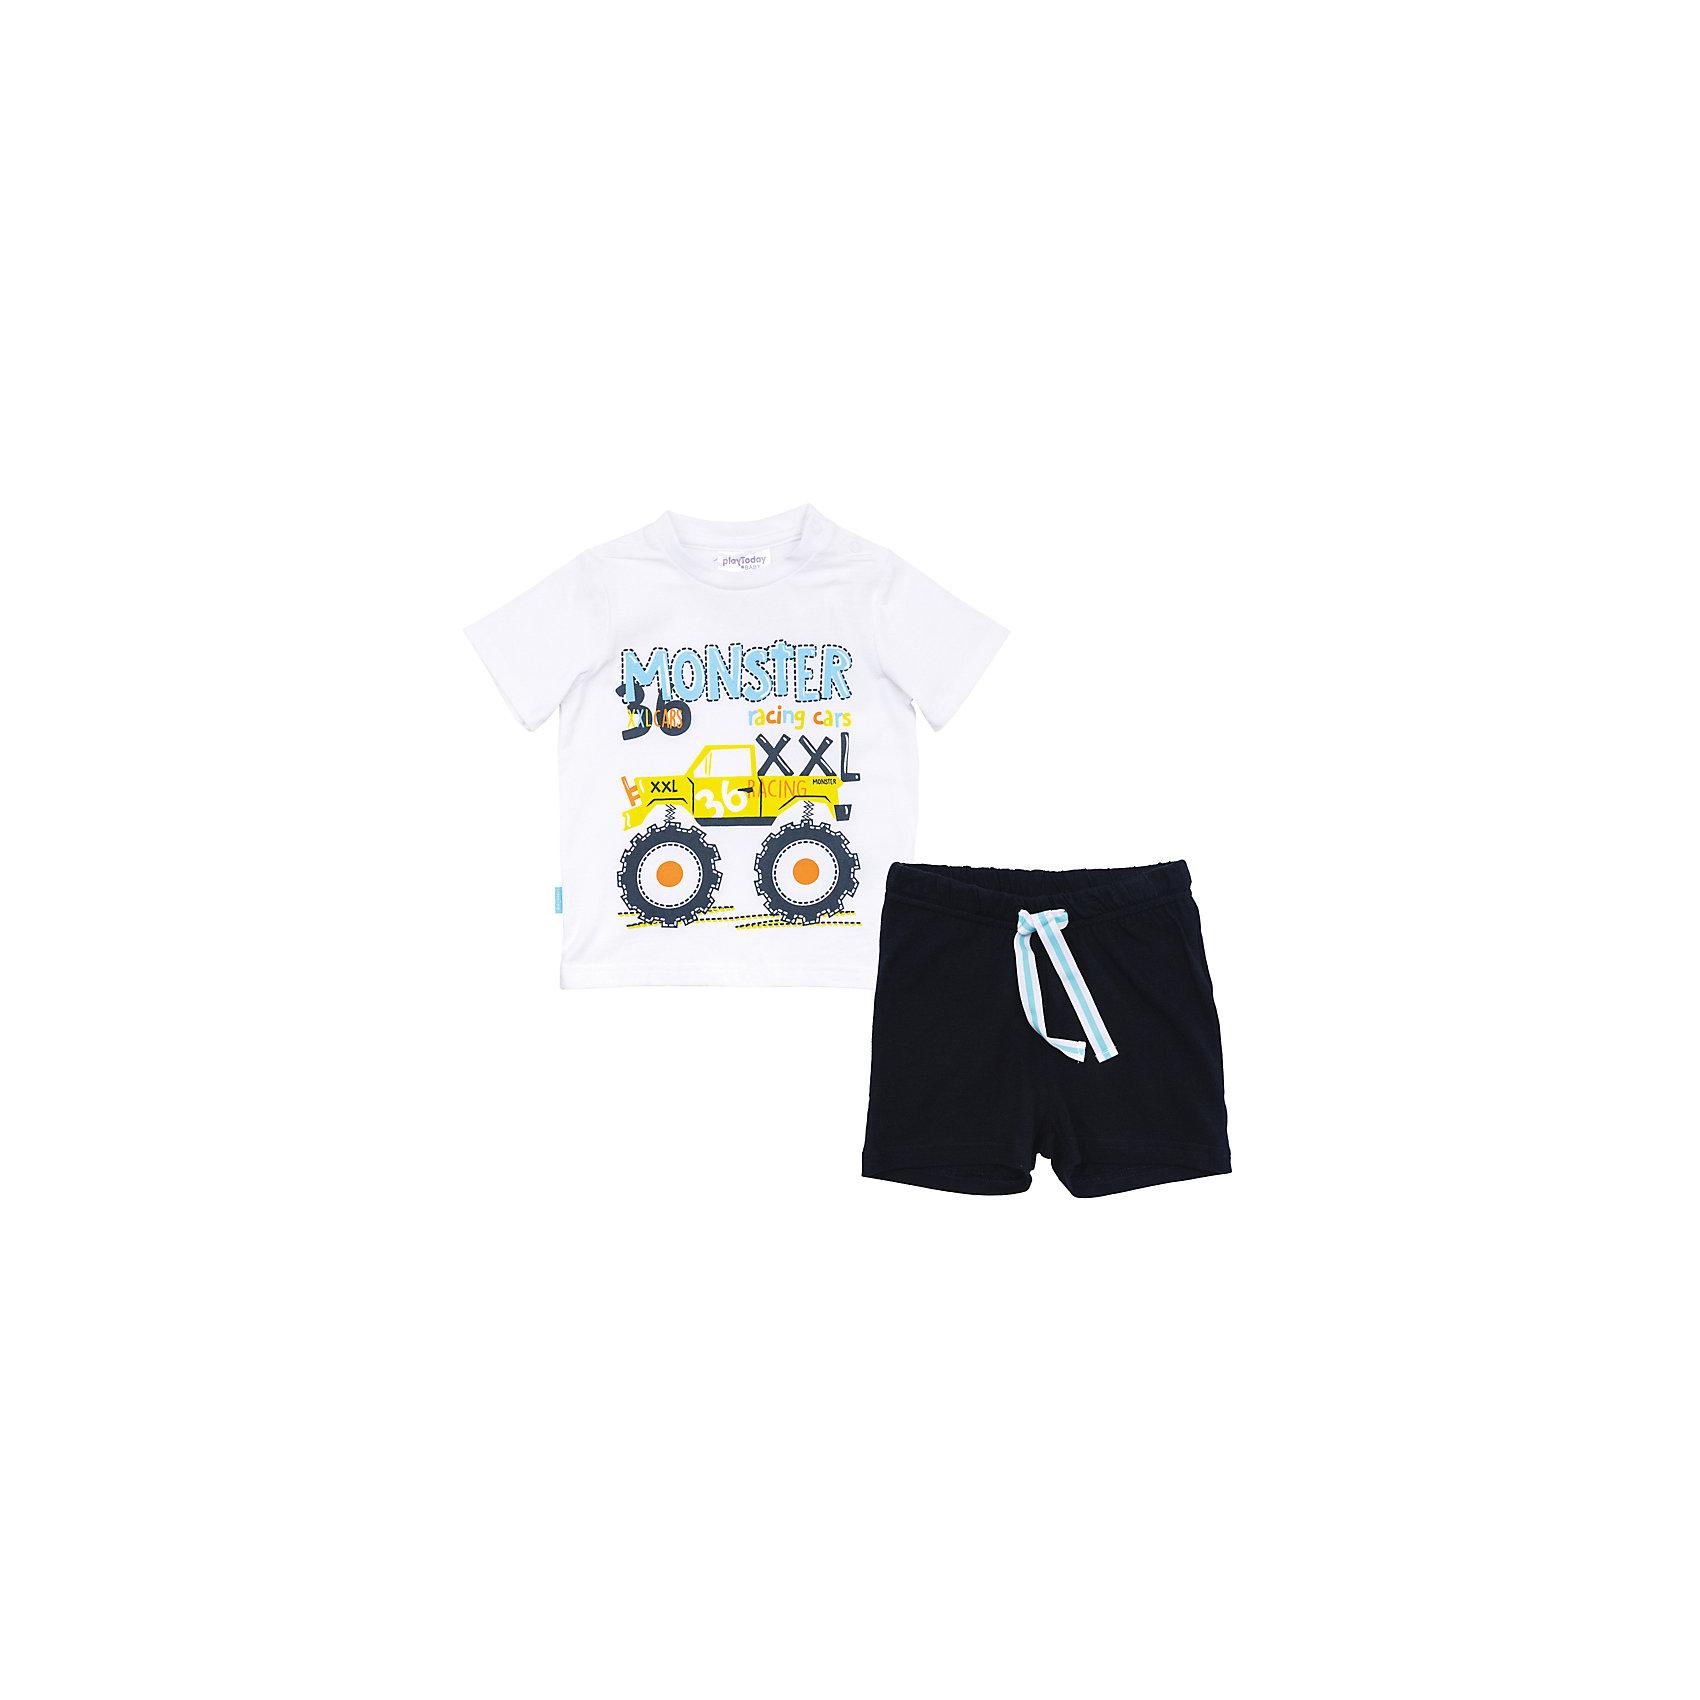 Комплект для мальчика PlayTodayКомплекты<br>Комплект для мальчика PlayToday<br>Комплект из футболки и шорт прекрасно подойдет как для домашнего использования, так и для  прогулок на свежем воздухе. Мягкий, приятный к телу материал не сковывает движений. Яркая аппликация является достойным украшением данного изделия. Шорты на мягкой удобной резинке с удобным регулируемым шнуром - кулиской контрасного цвета.Преимущества: Мягкий материал приятен к телу и не вызывает раздраженийСвободный крой не сковывает движений ребенкаМодель декорирована аппликацией<br>Состав:<br>95% хлопок, 5% эластан<br><br>Ширина мм: 157<br>Глубина мм: 13<br>Высота мм: 119<br>Вес г: 200<br>Цвет: разноцветный<br>Возраст от месяцев: 6<br>Возраст до месяцев: 9<br>Пол: Мужской<br>Возраст: Детский<br>Размер: 74,92,80,86<br>SKU: 5407880